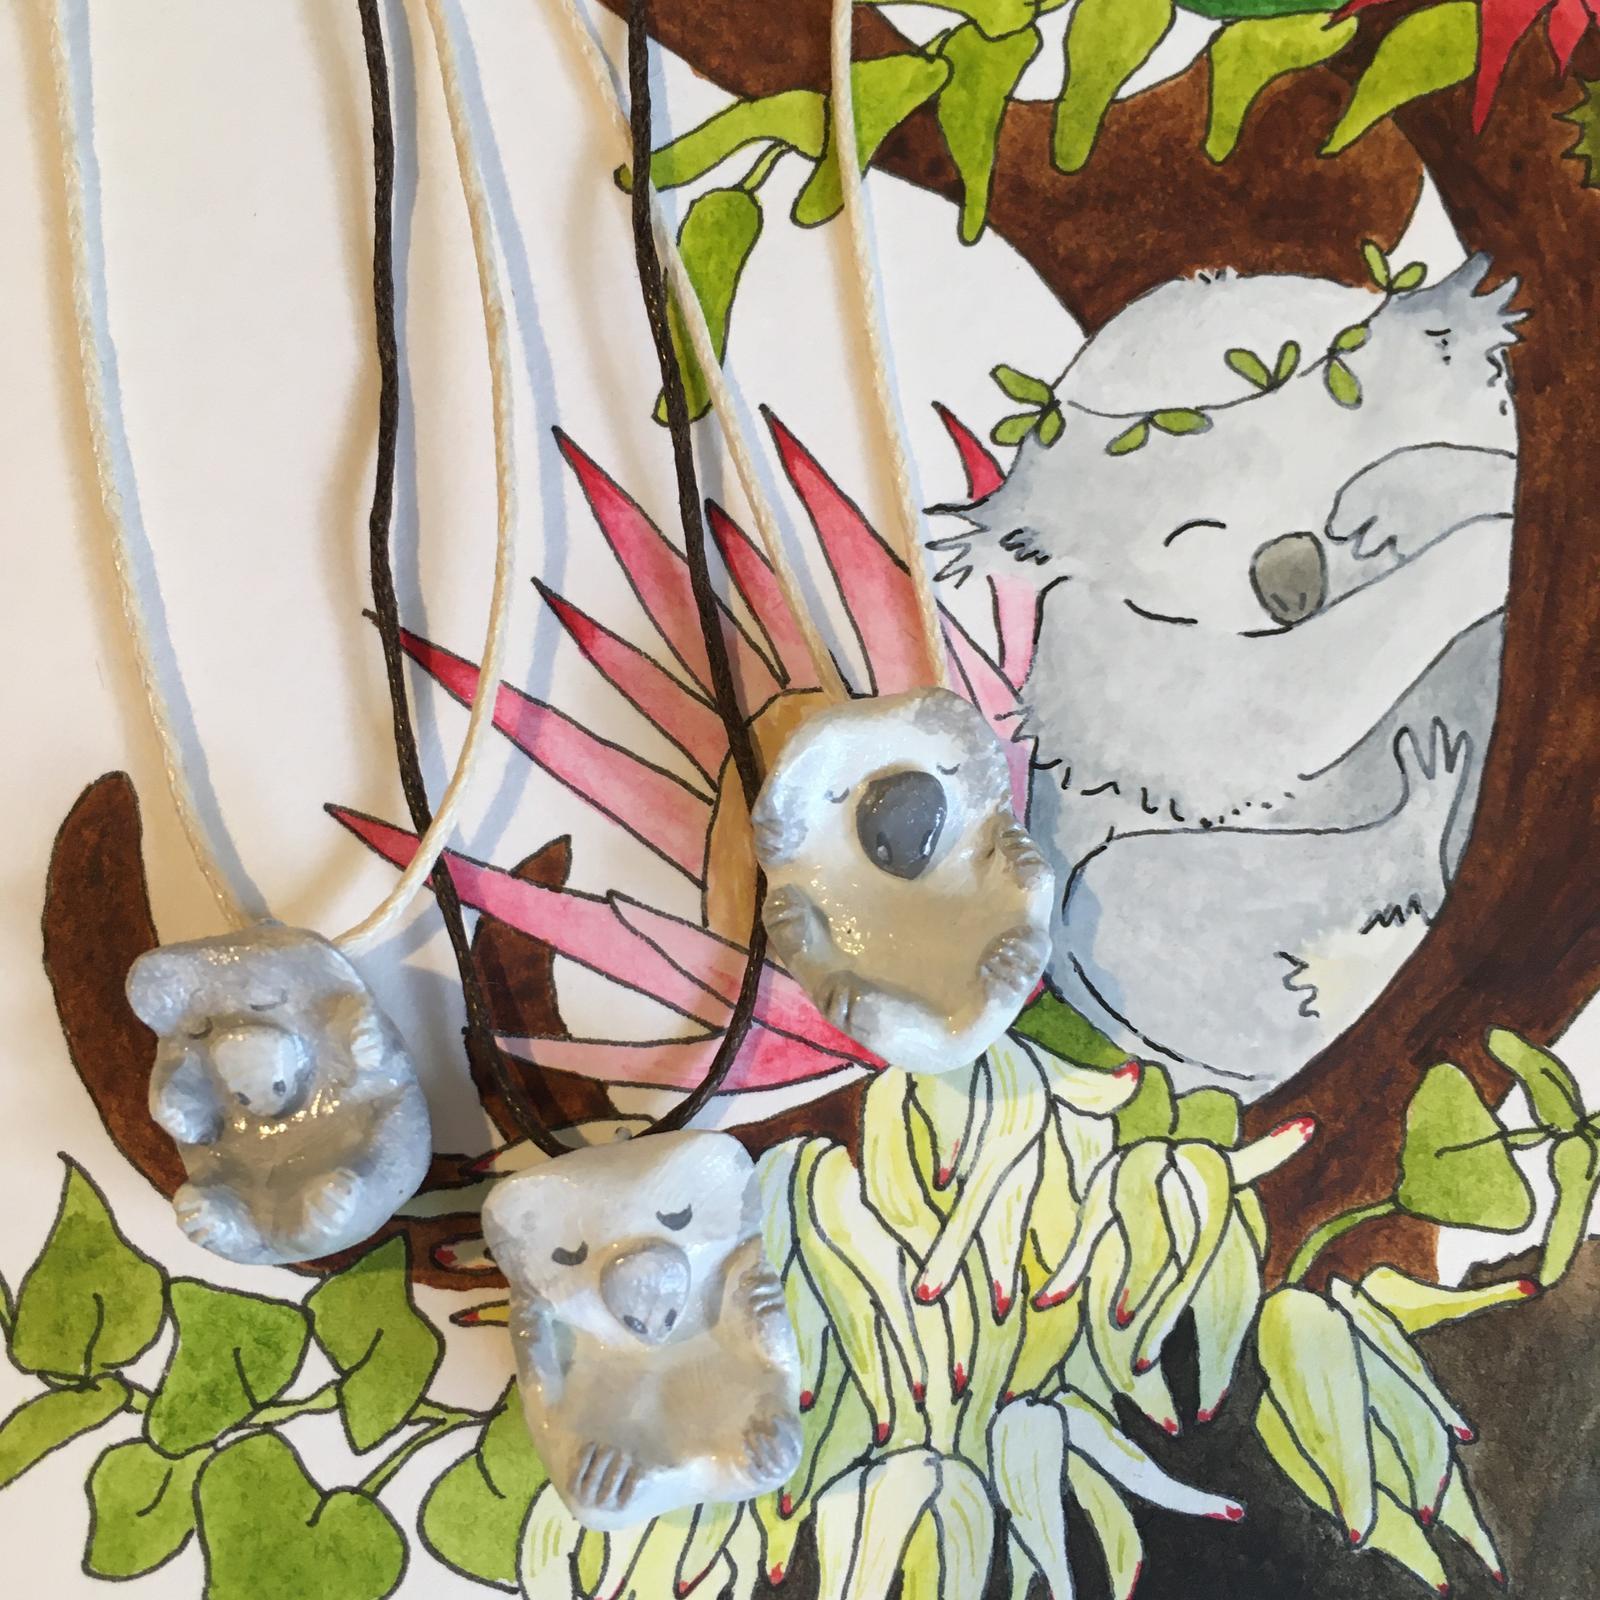 Koalas handmade with clay